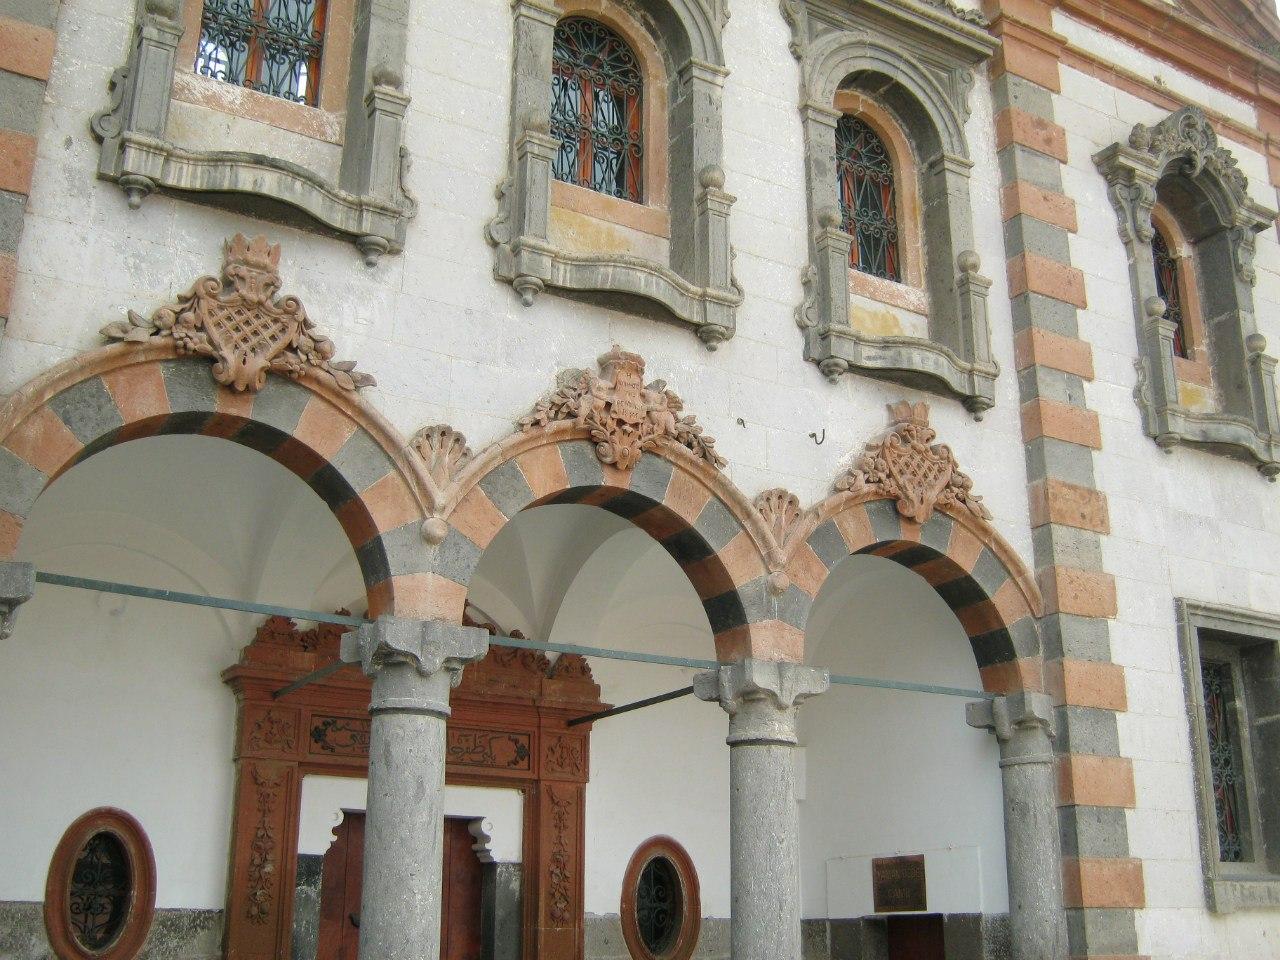 церковь-мечеть в Талас